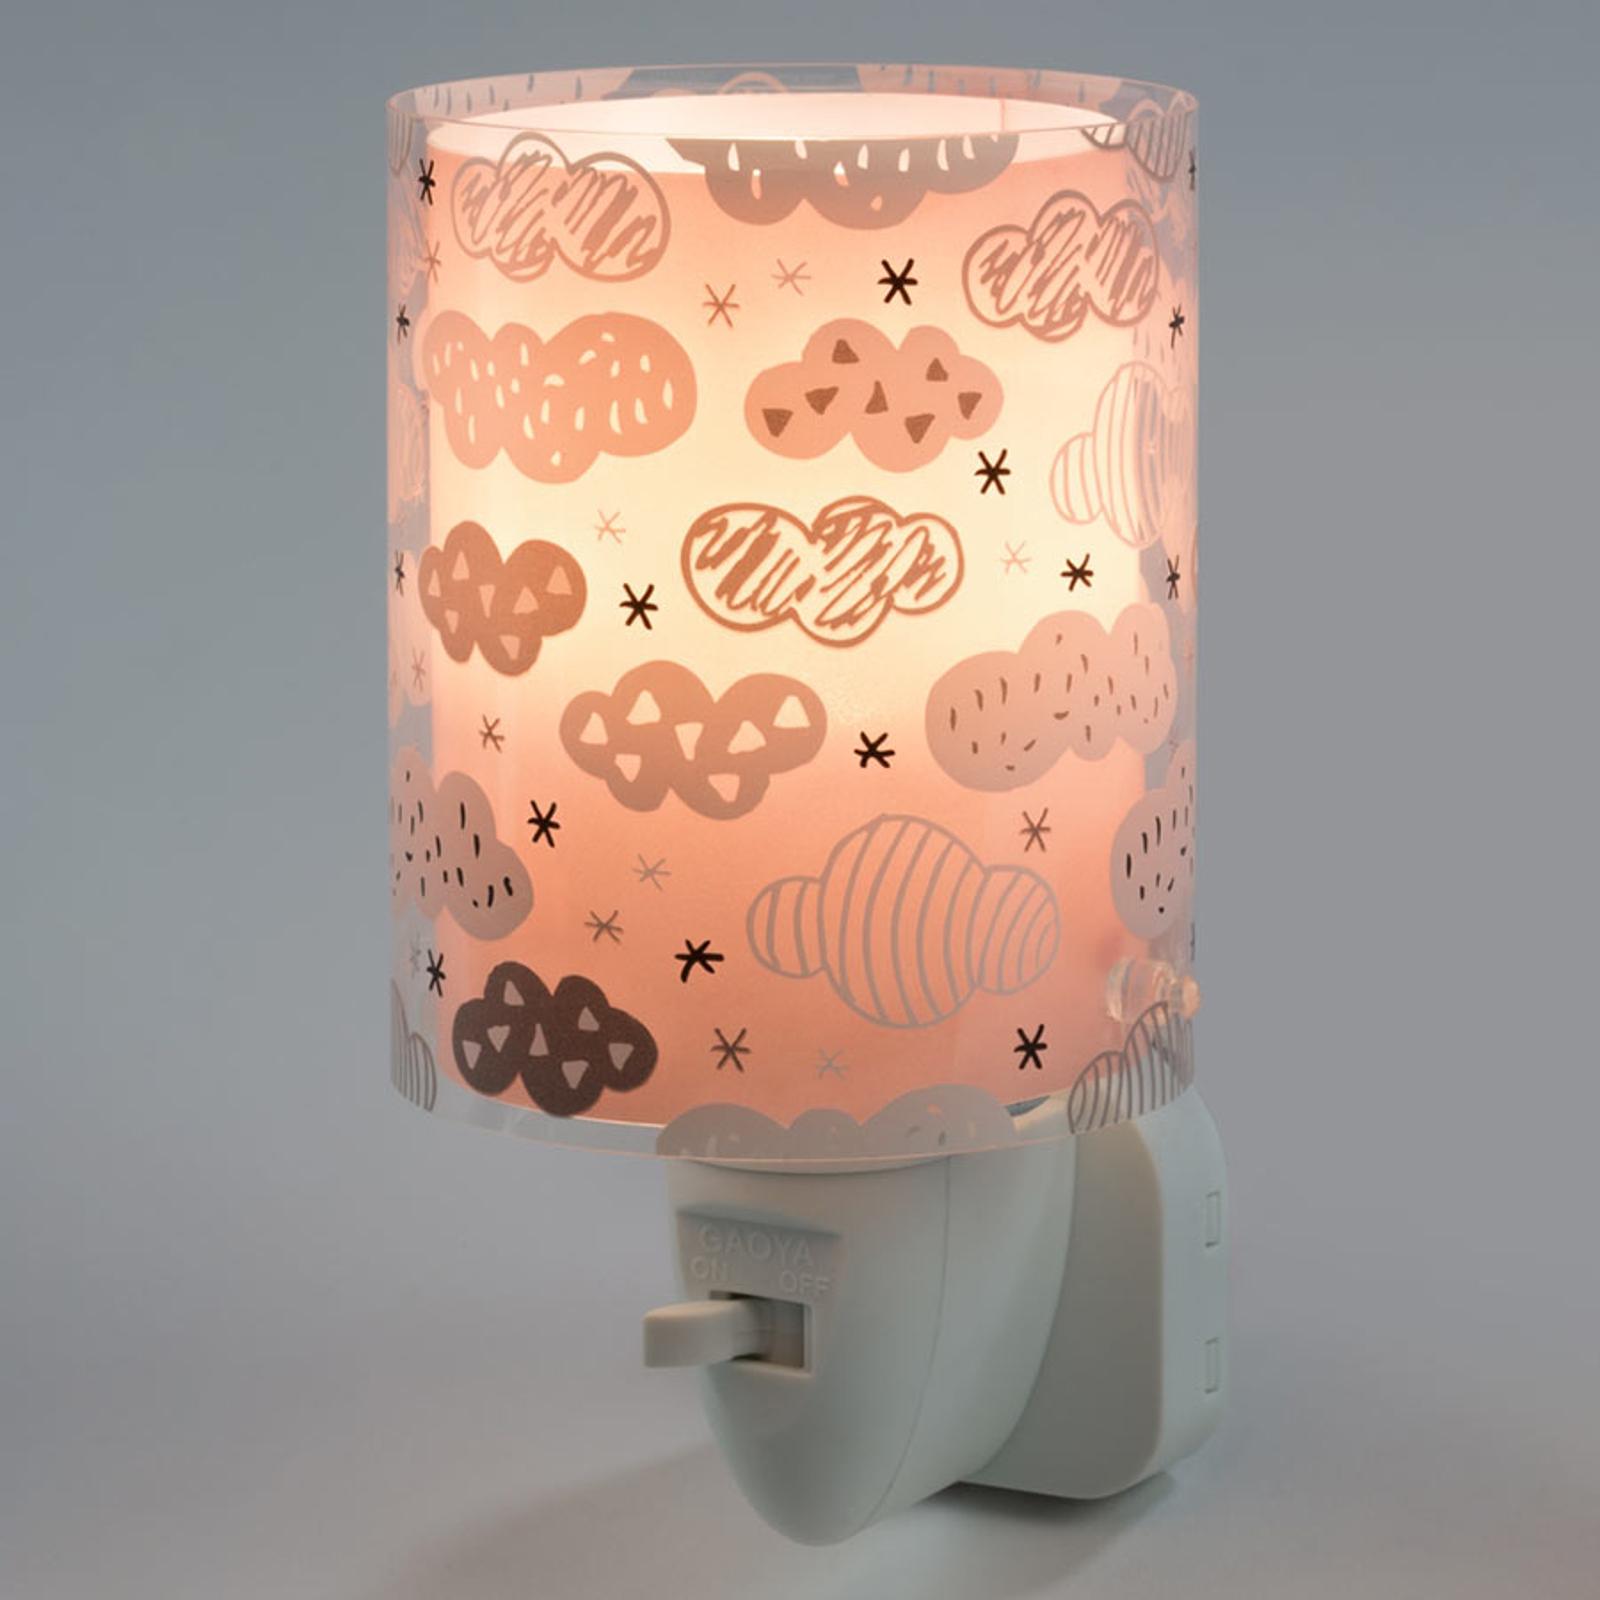 LED-Nachtlicht Clouds mit Schalter, rosa